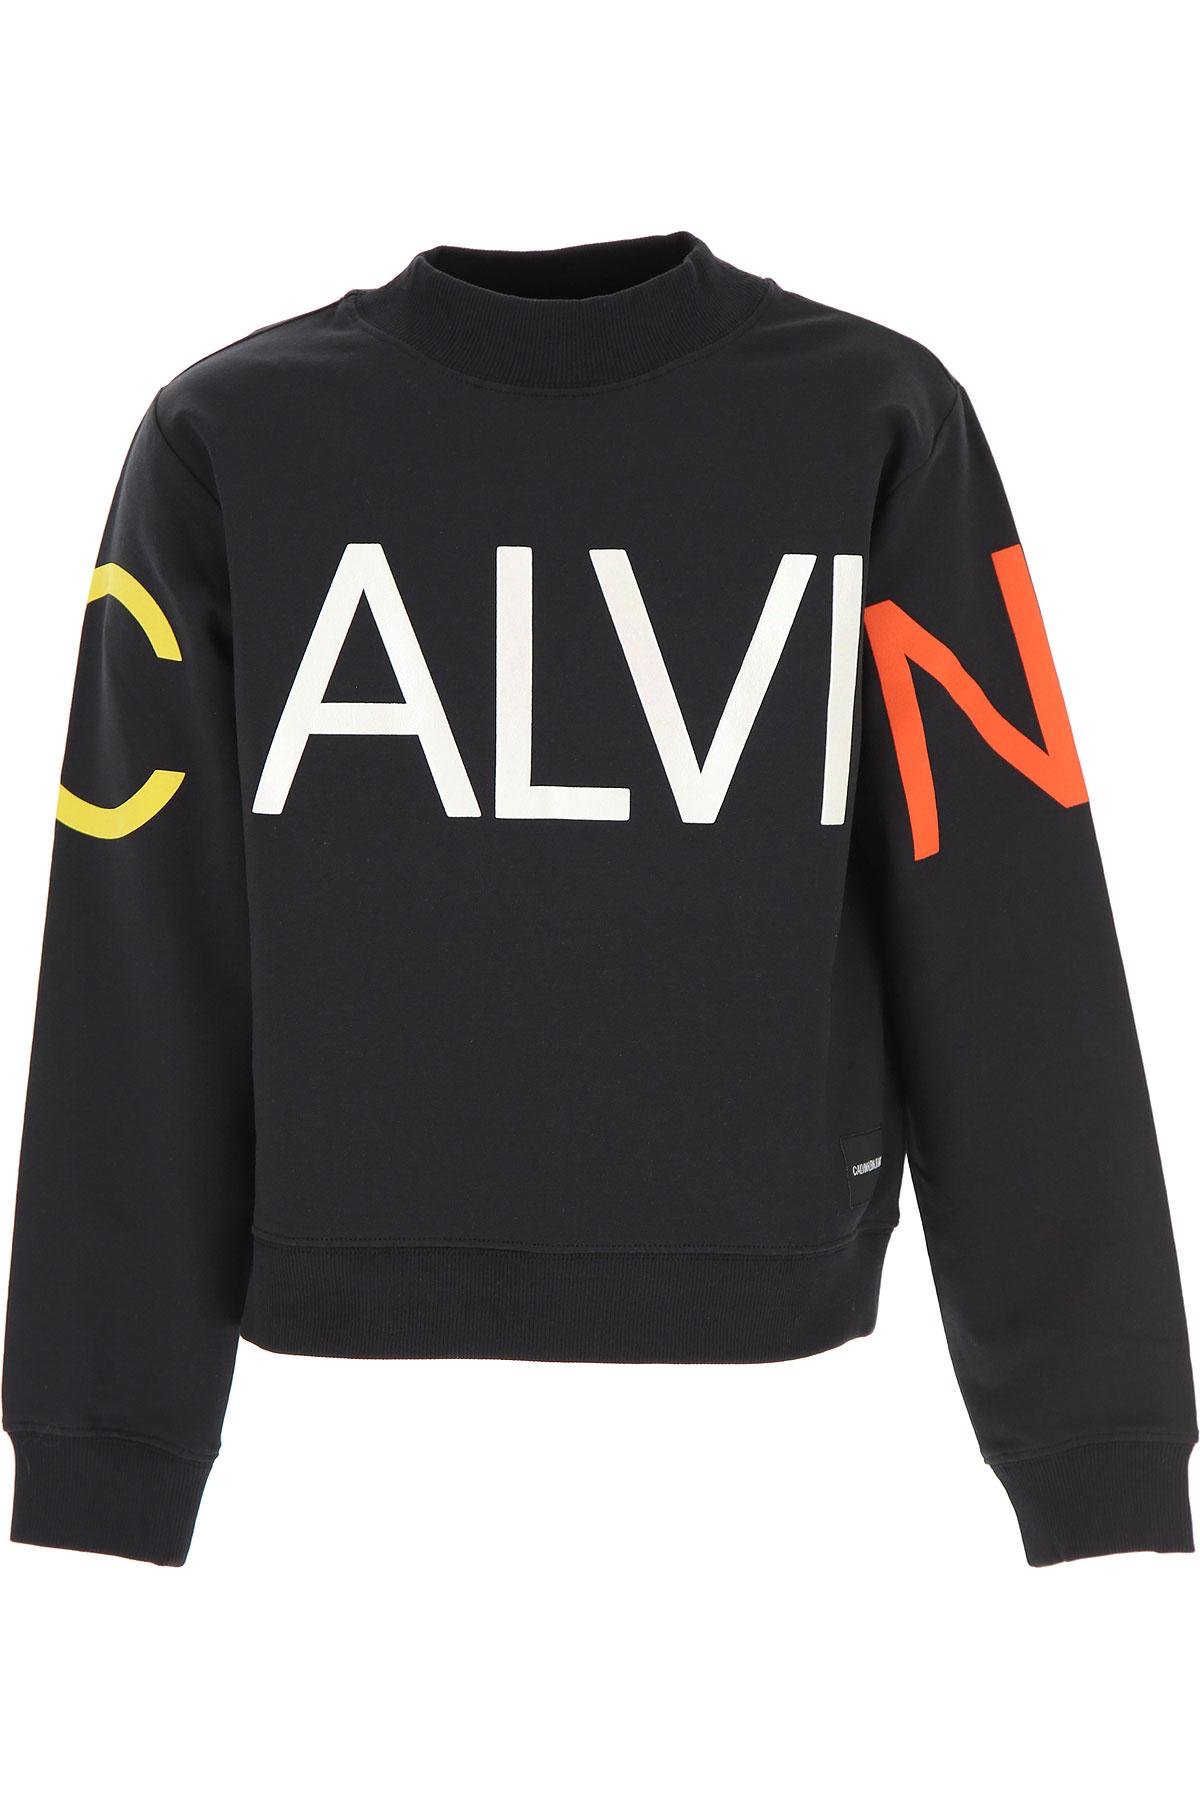 Calvin Klein Pulls Enfant Pour Garçon Pas Cher En Soldes, Noir, Coton, 2019, 10Y 8Y